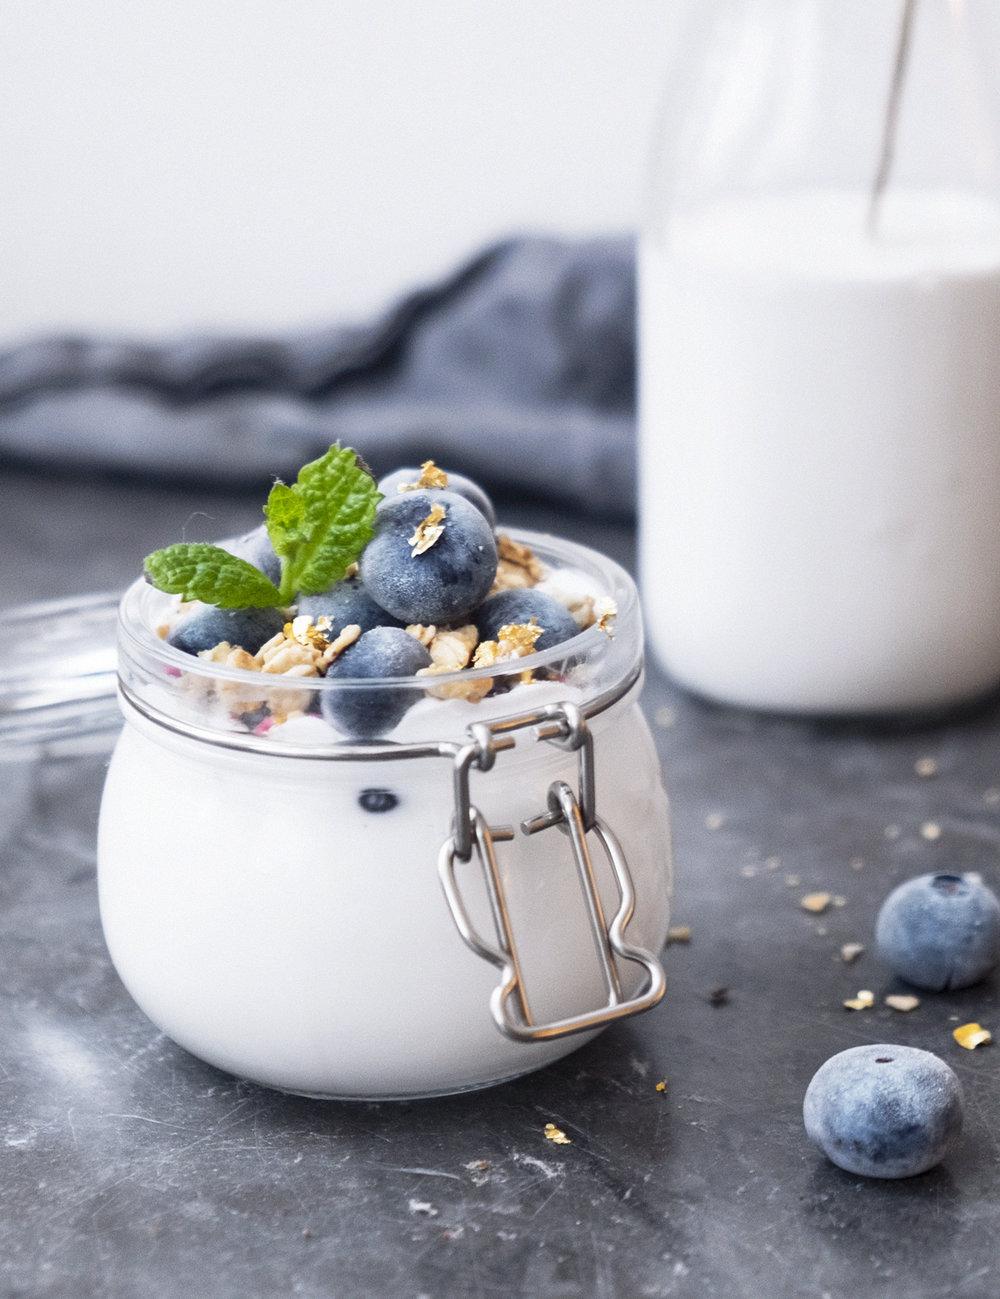 vegansk_hemmagjord_kokosyoghurt_recept.jpg